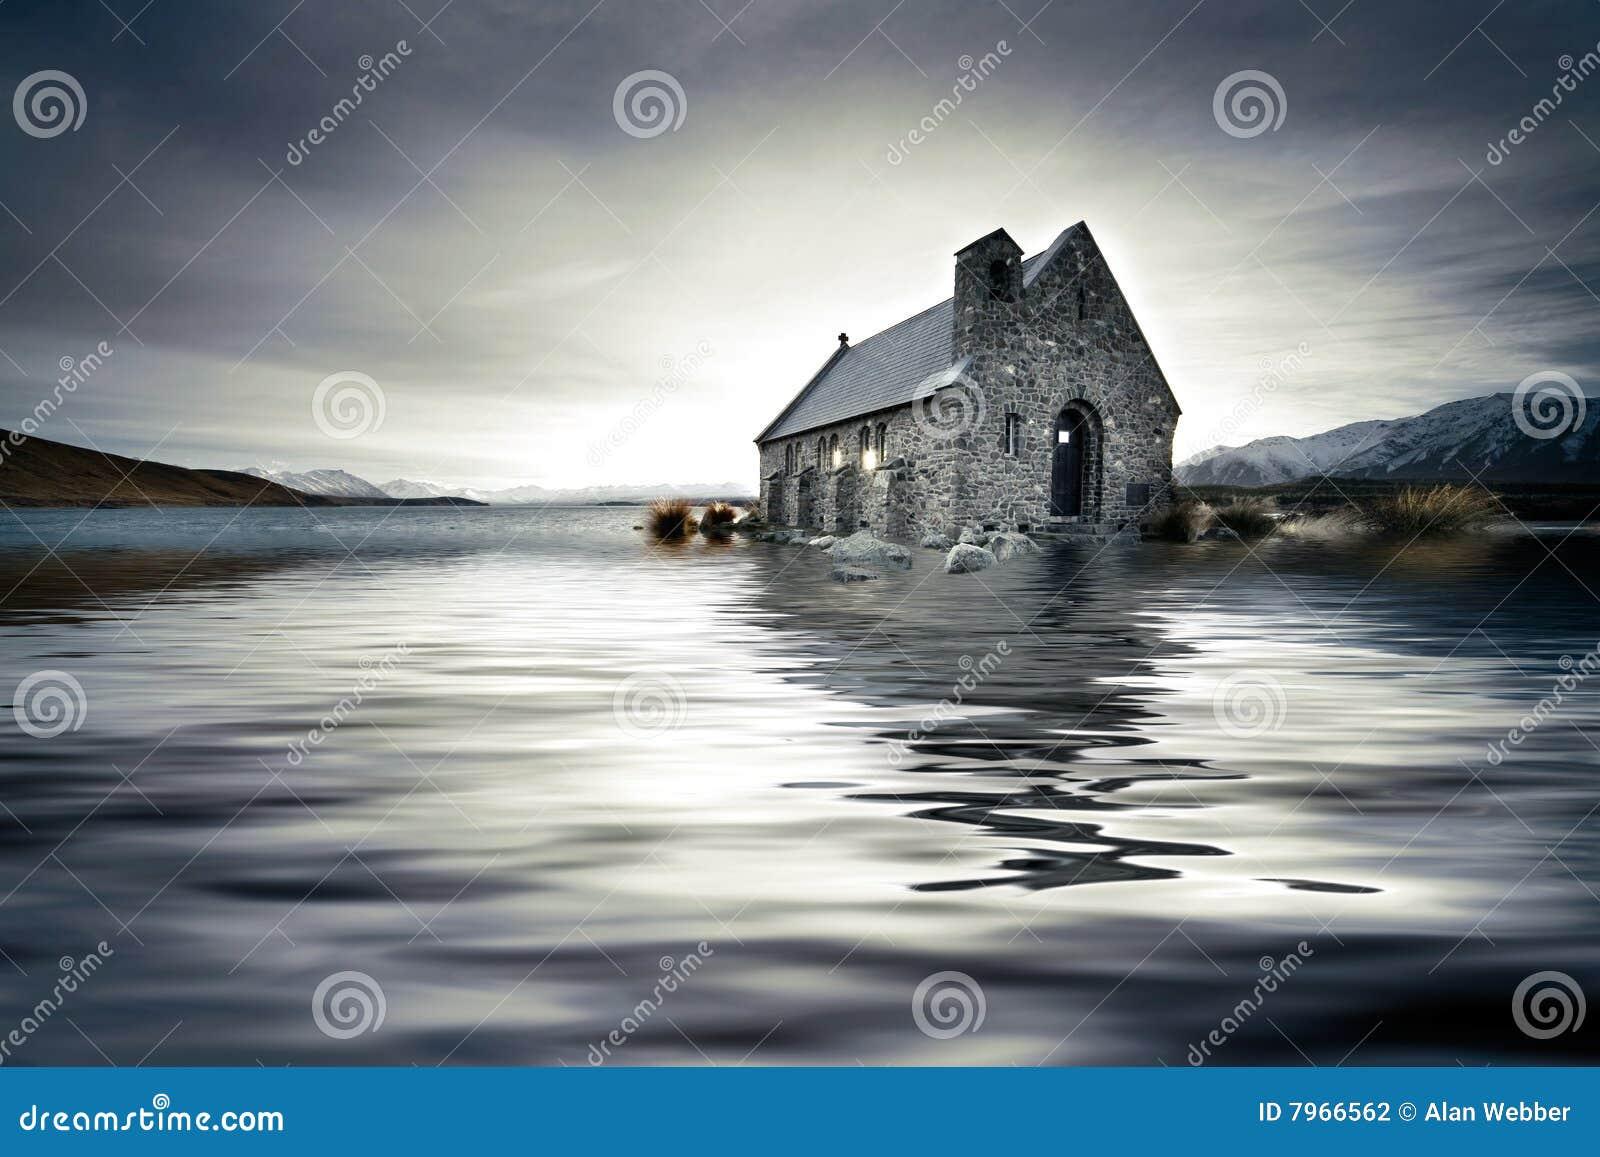 église noyée